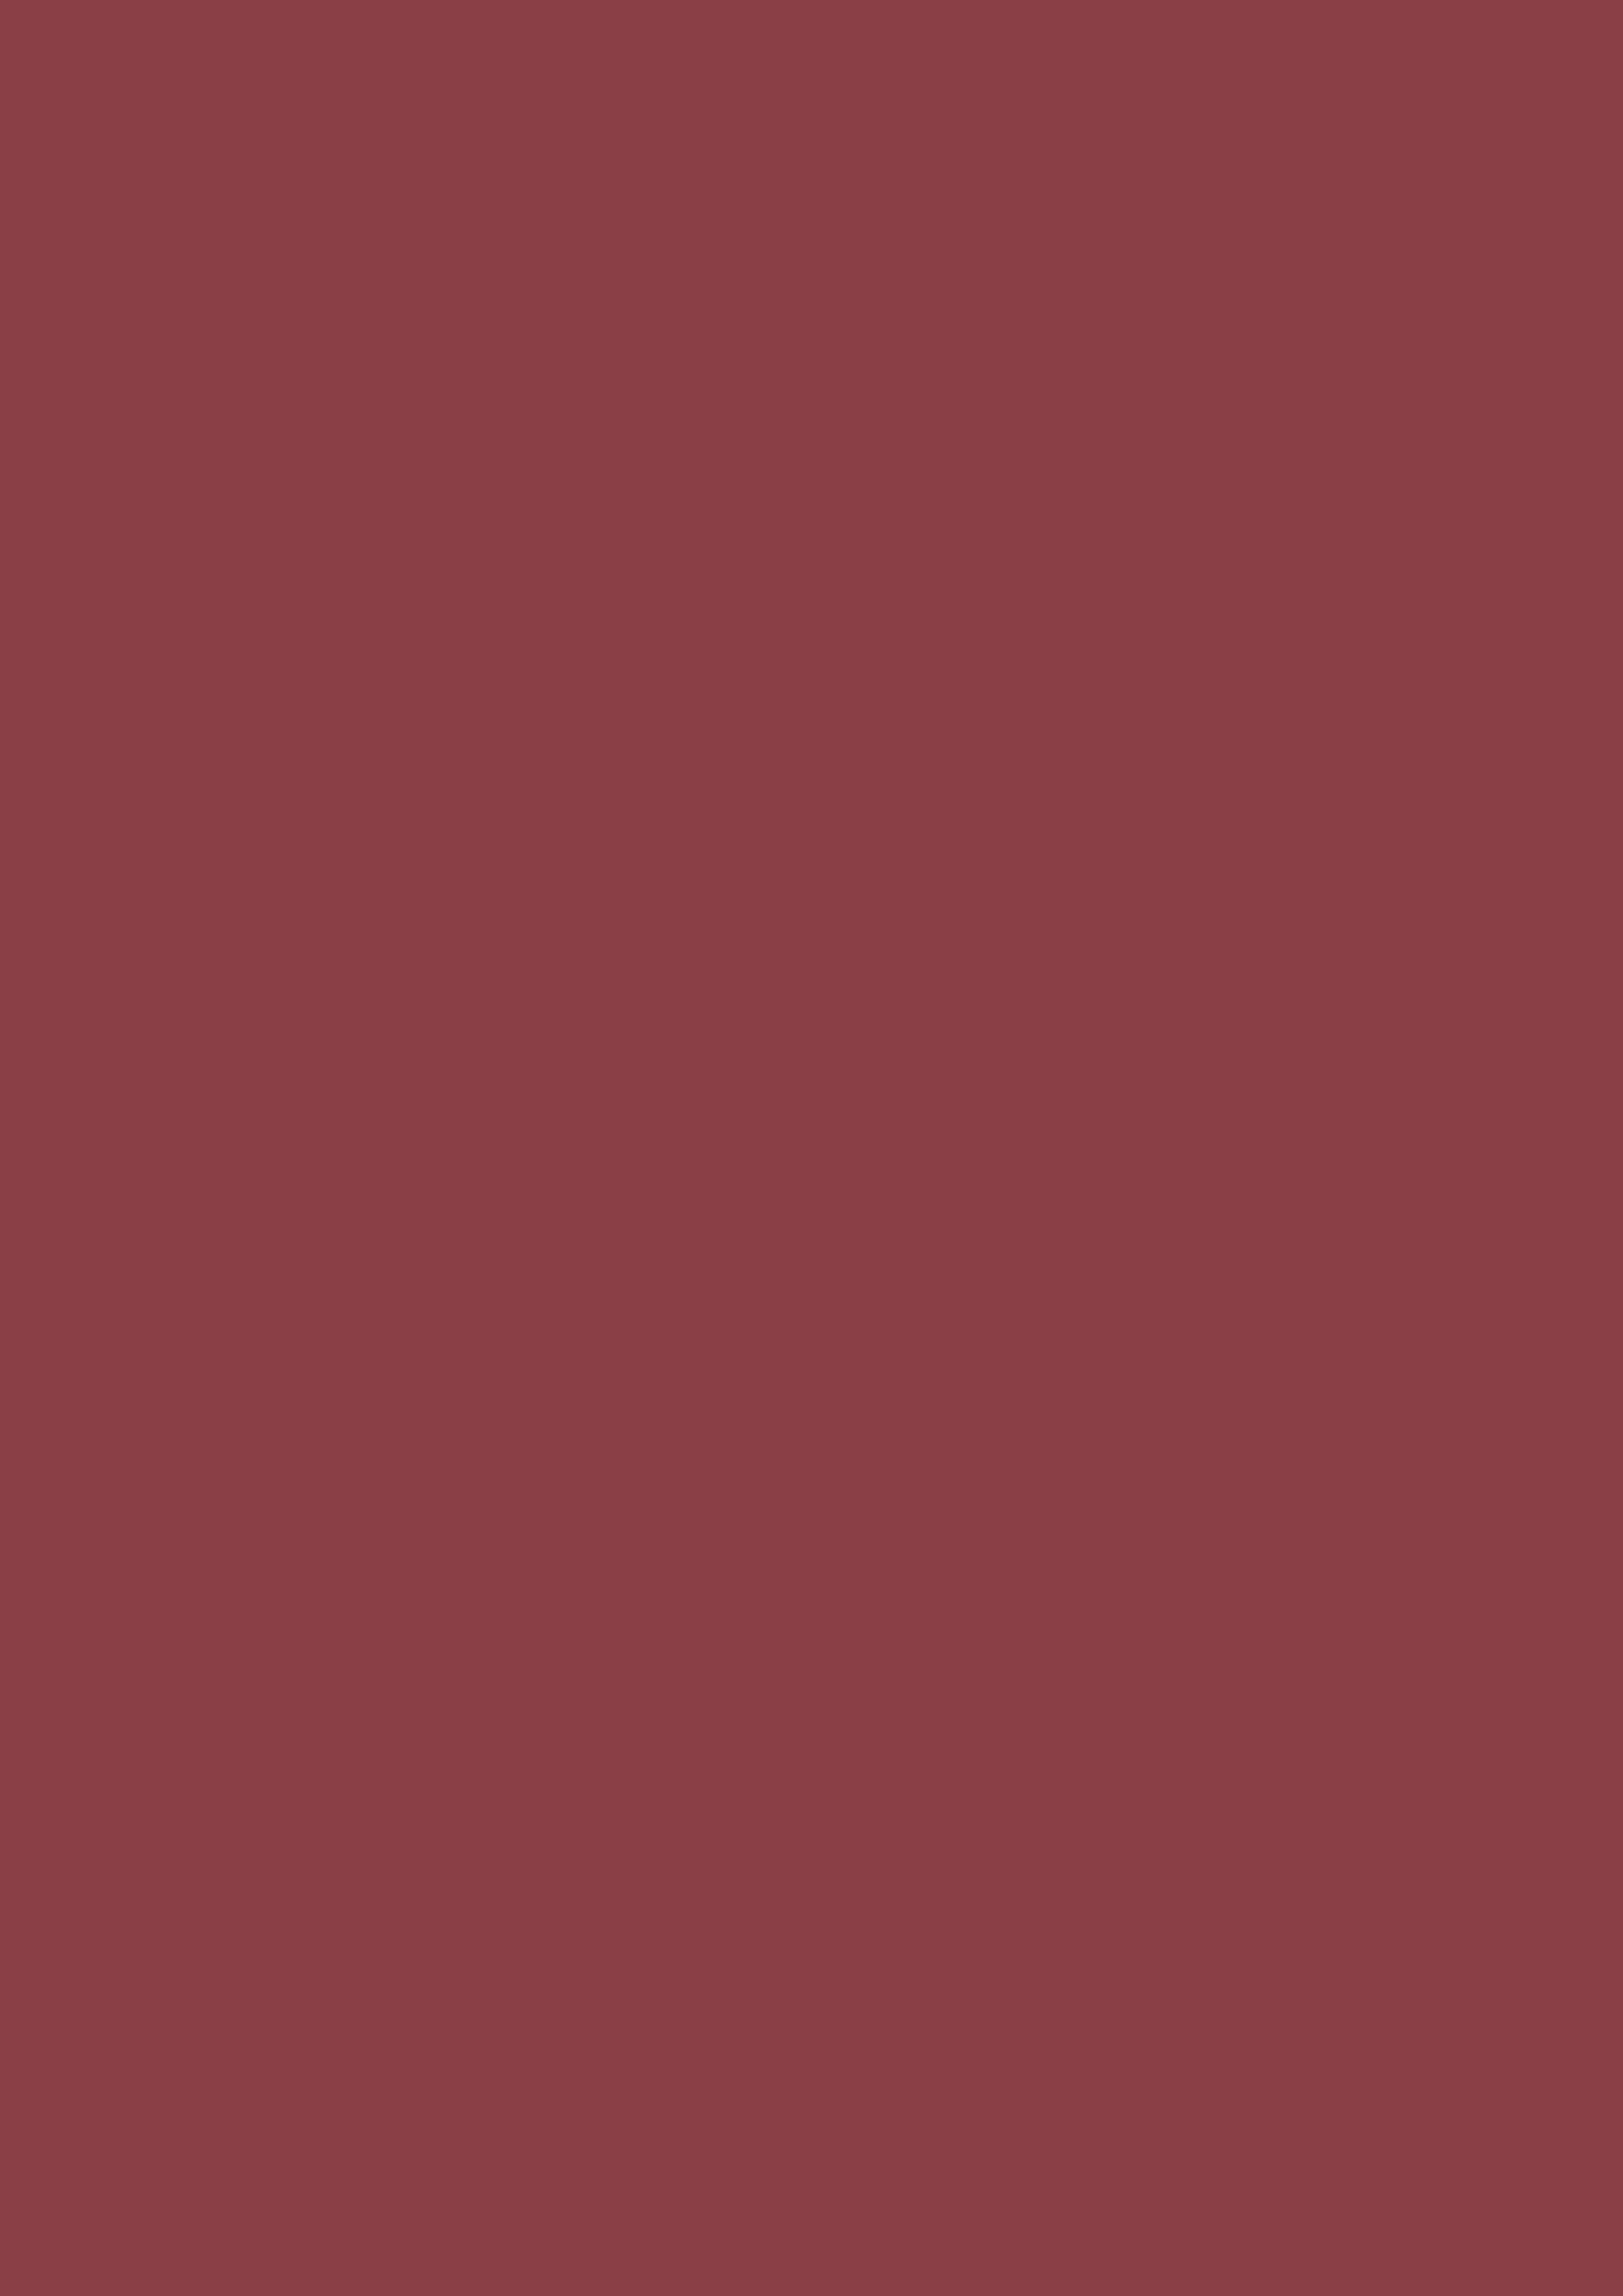 2480x3508 Cordovan Solid Color Background